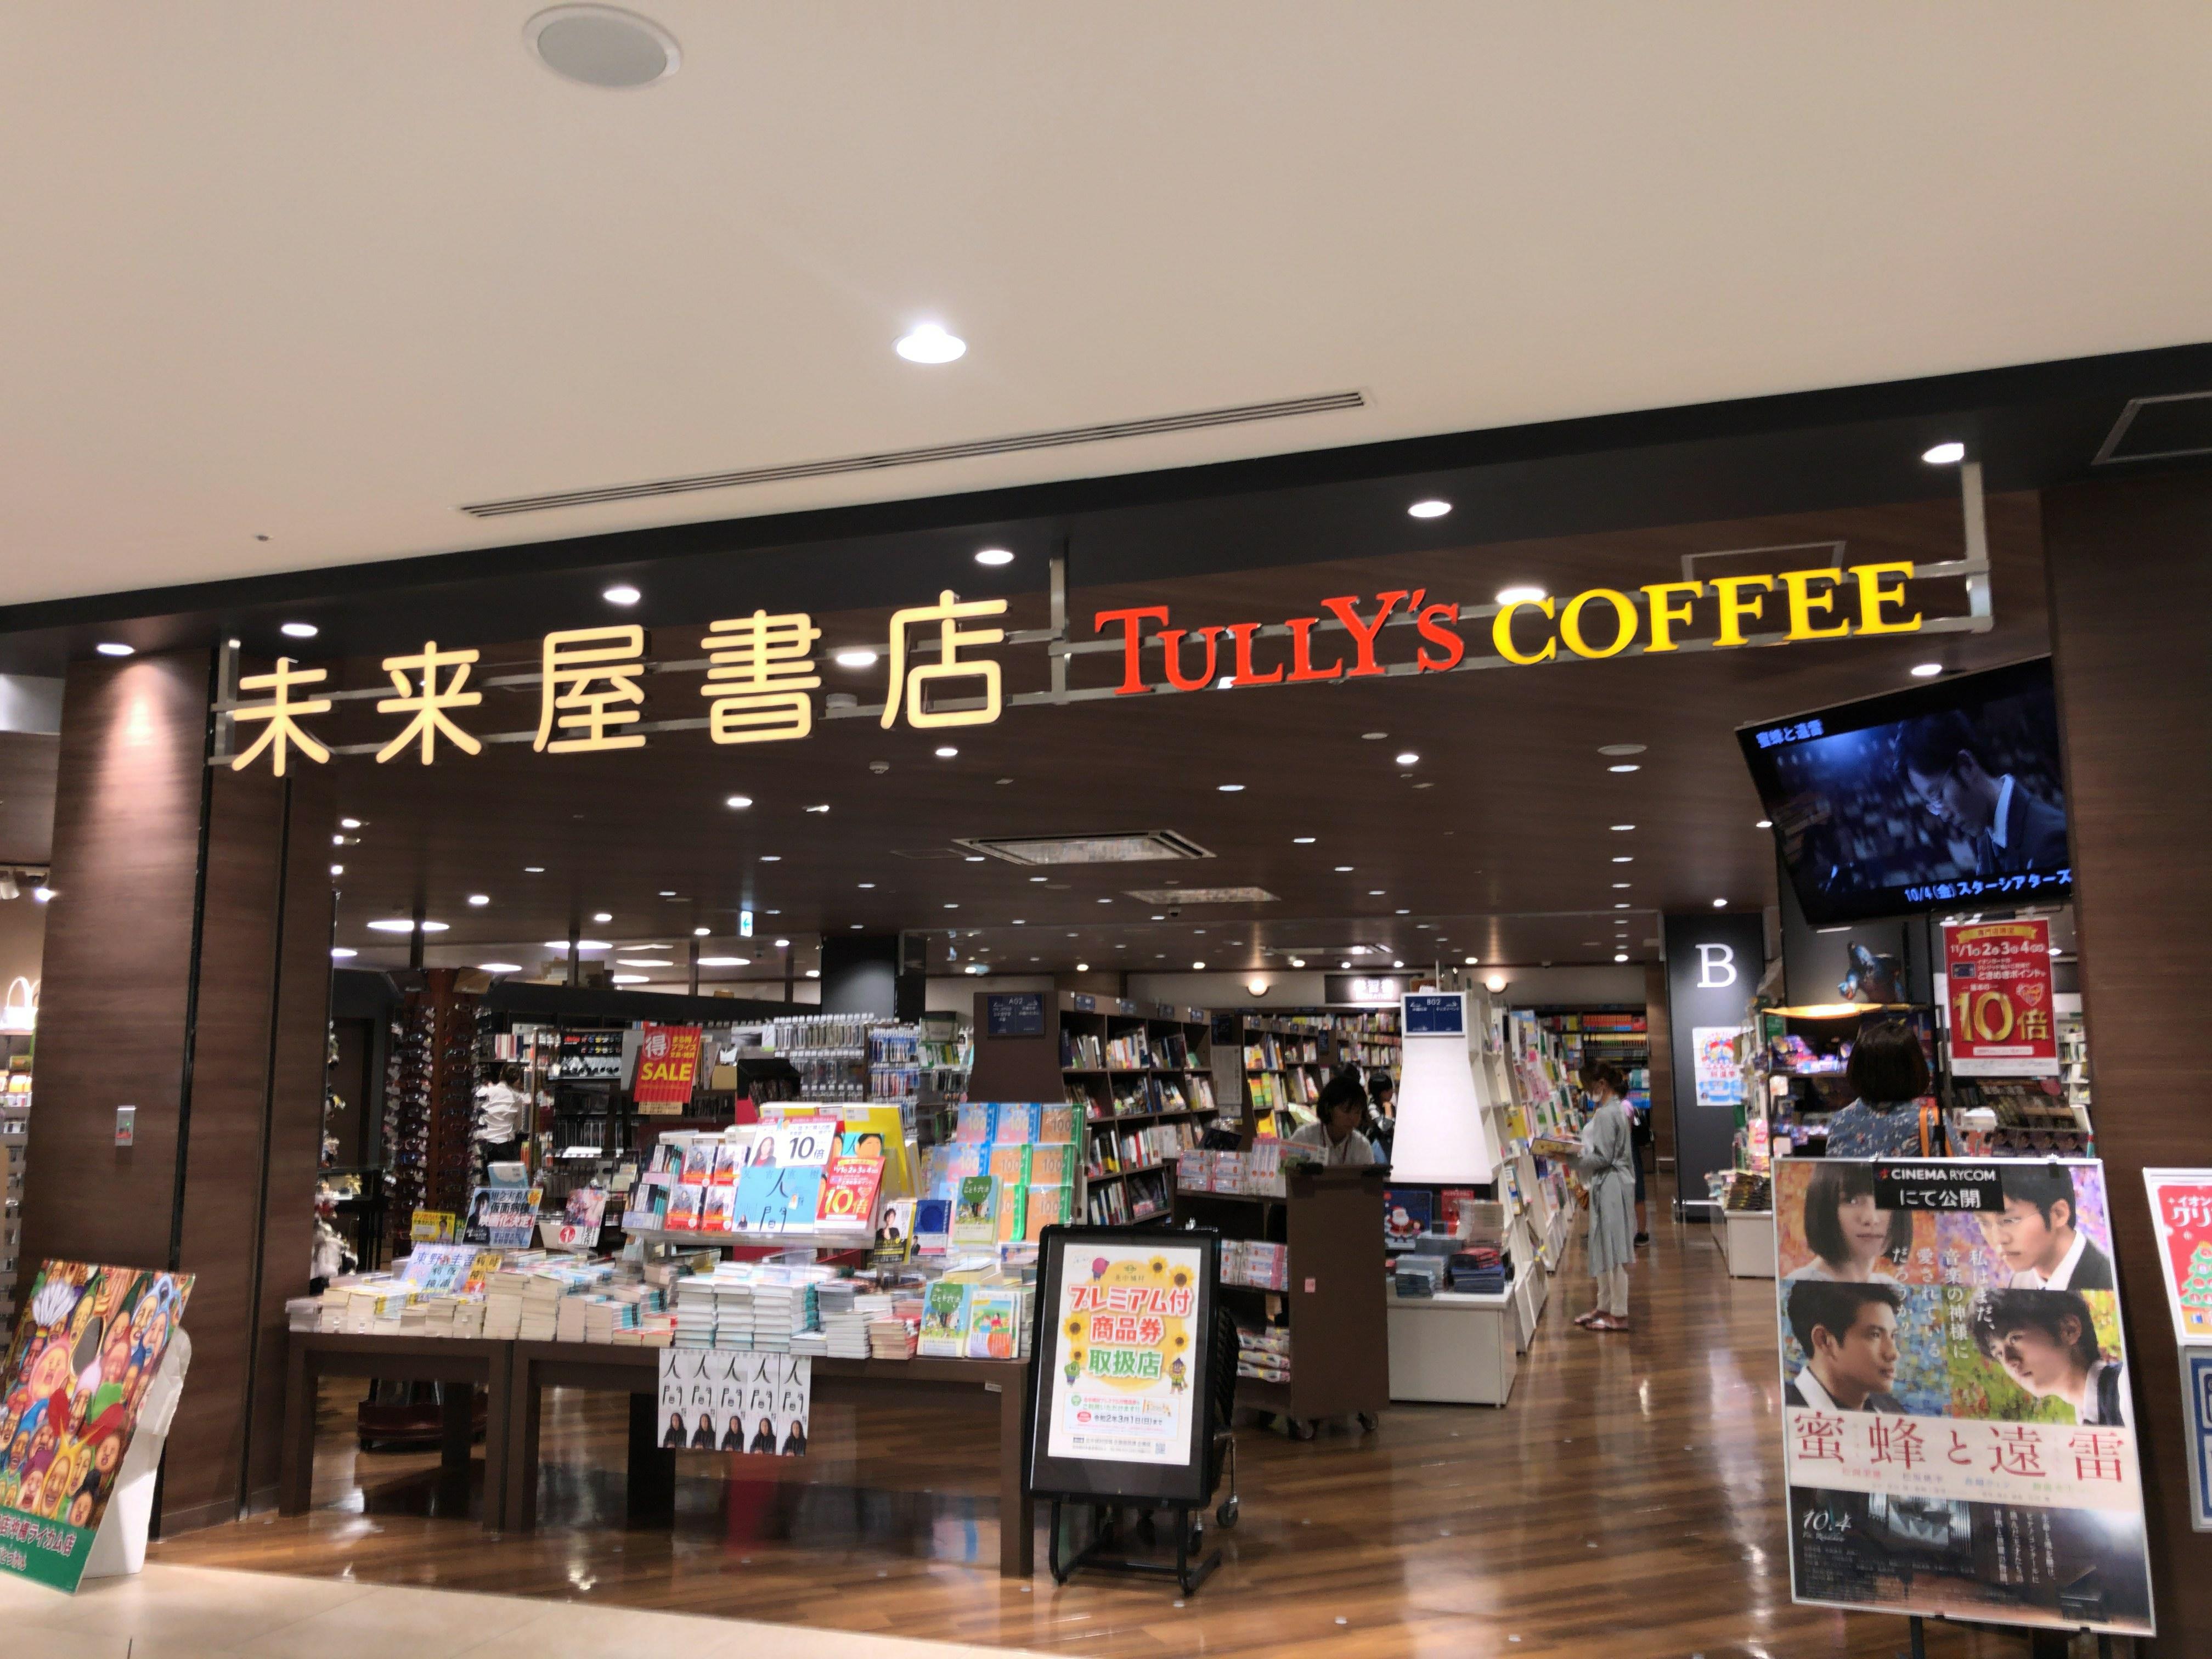 沖縄ライカムの未来屋書店(TULLY'S COFFEE)で読書&カフェる